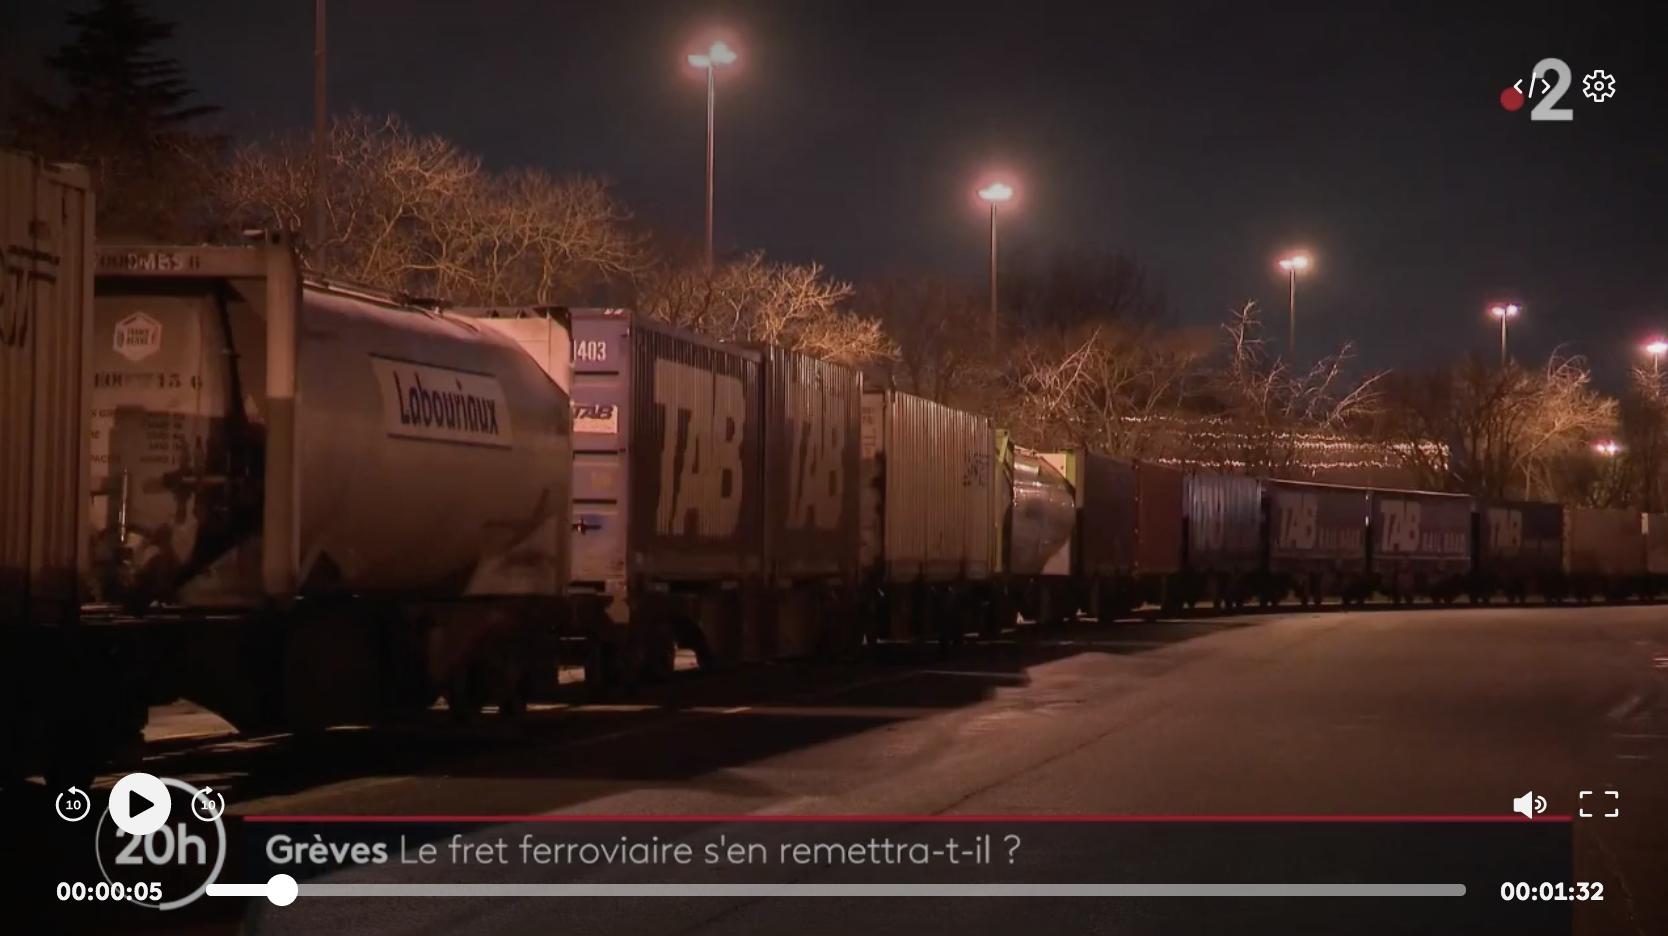 La filiale fret de la SNCF perd 1 million d'euros par jour de grève